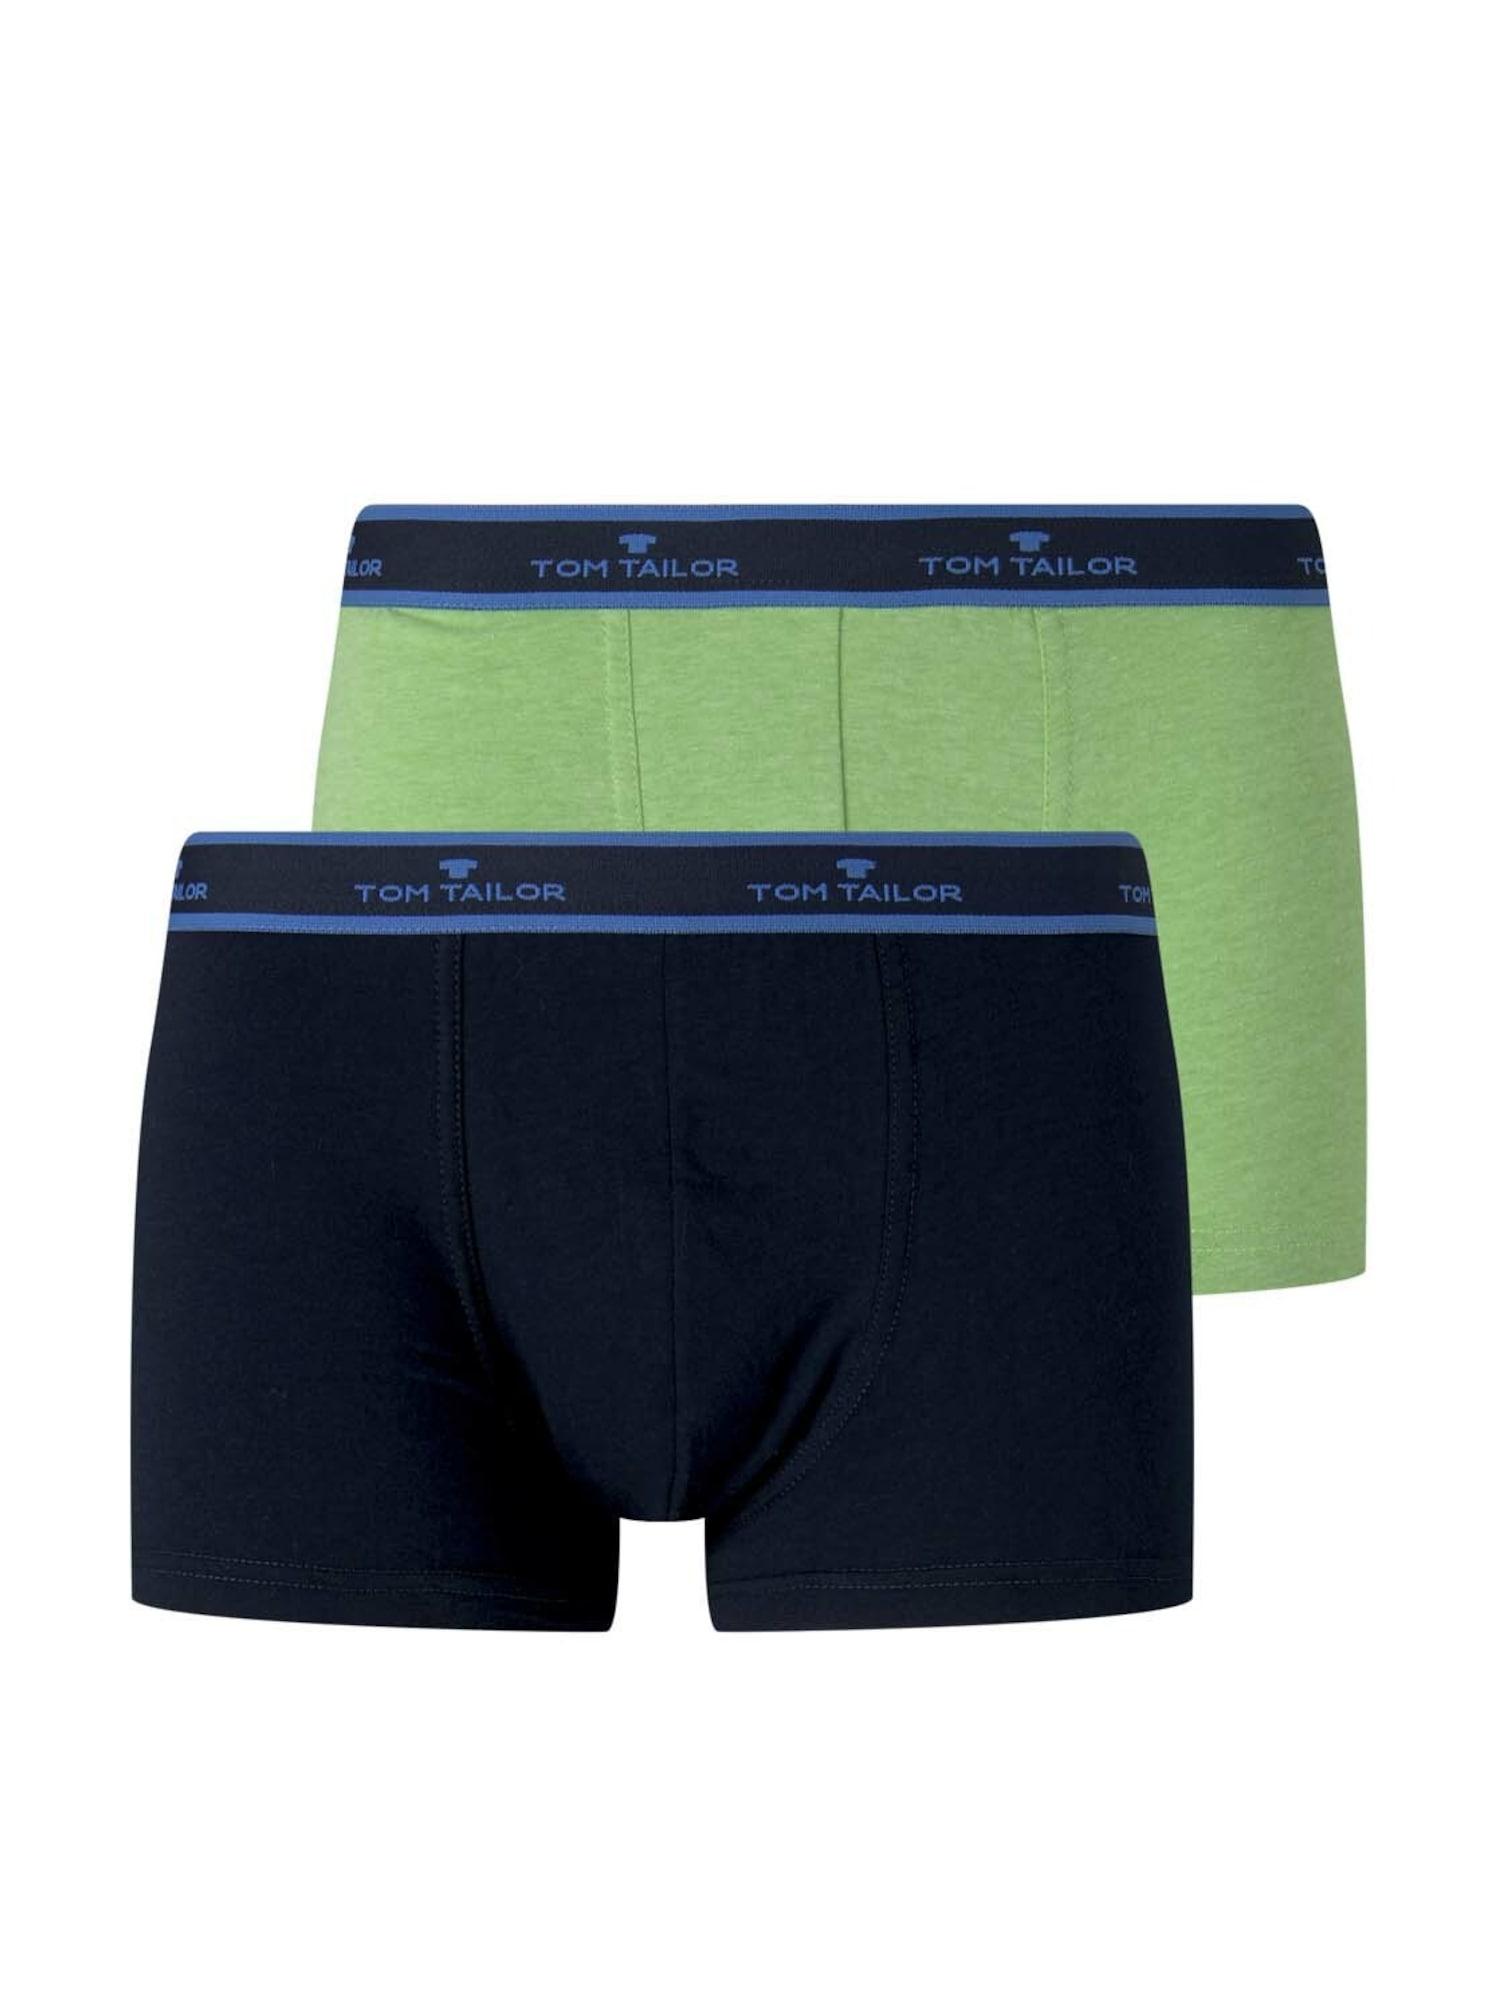 """TOM TAILOR Boxer trumpikės tamsiai mėlyna / obuolių spalva / sodri mėlyna (""""karališka"""")"""